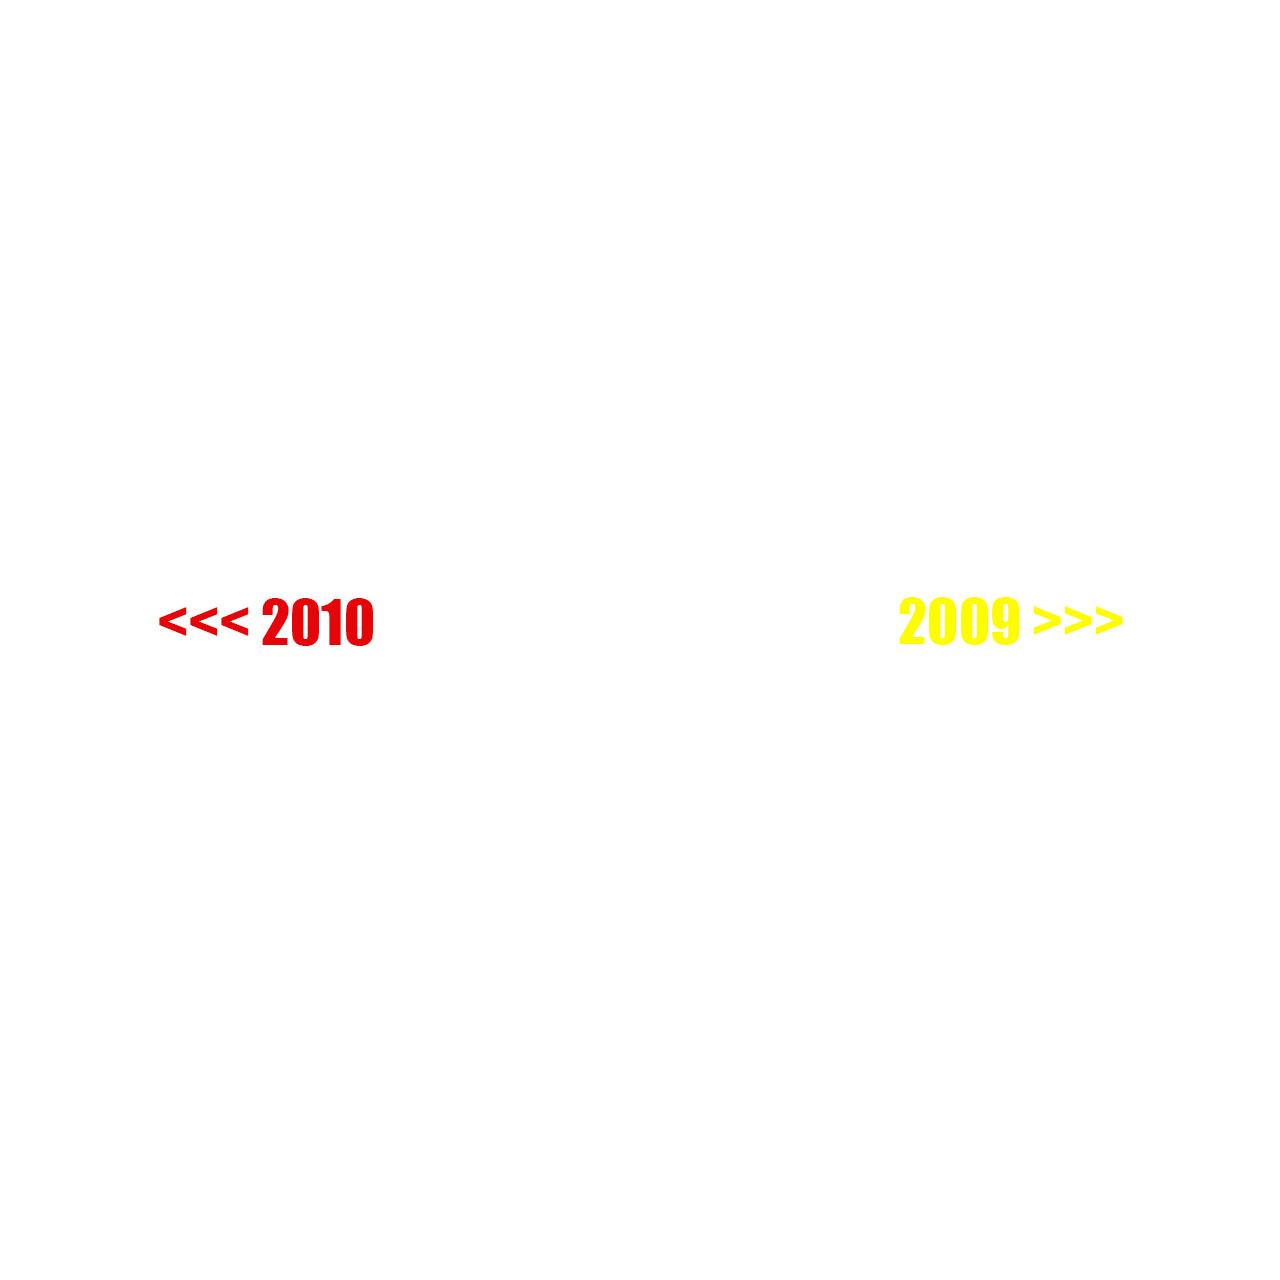 2010_2009_carre1280x1280